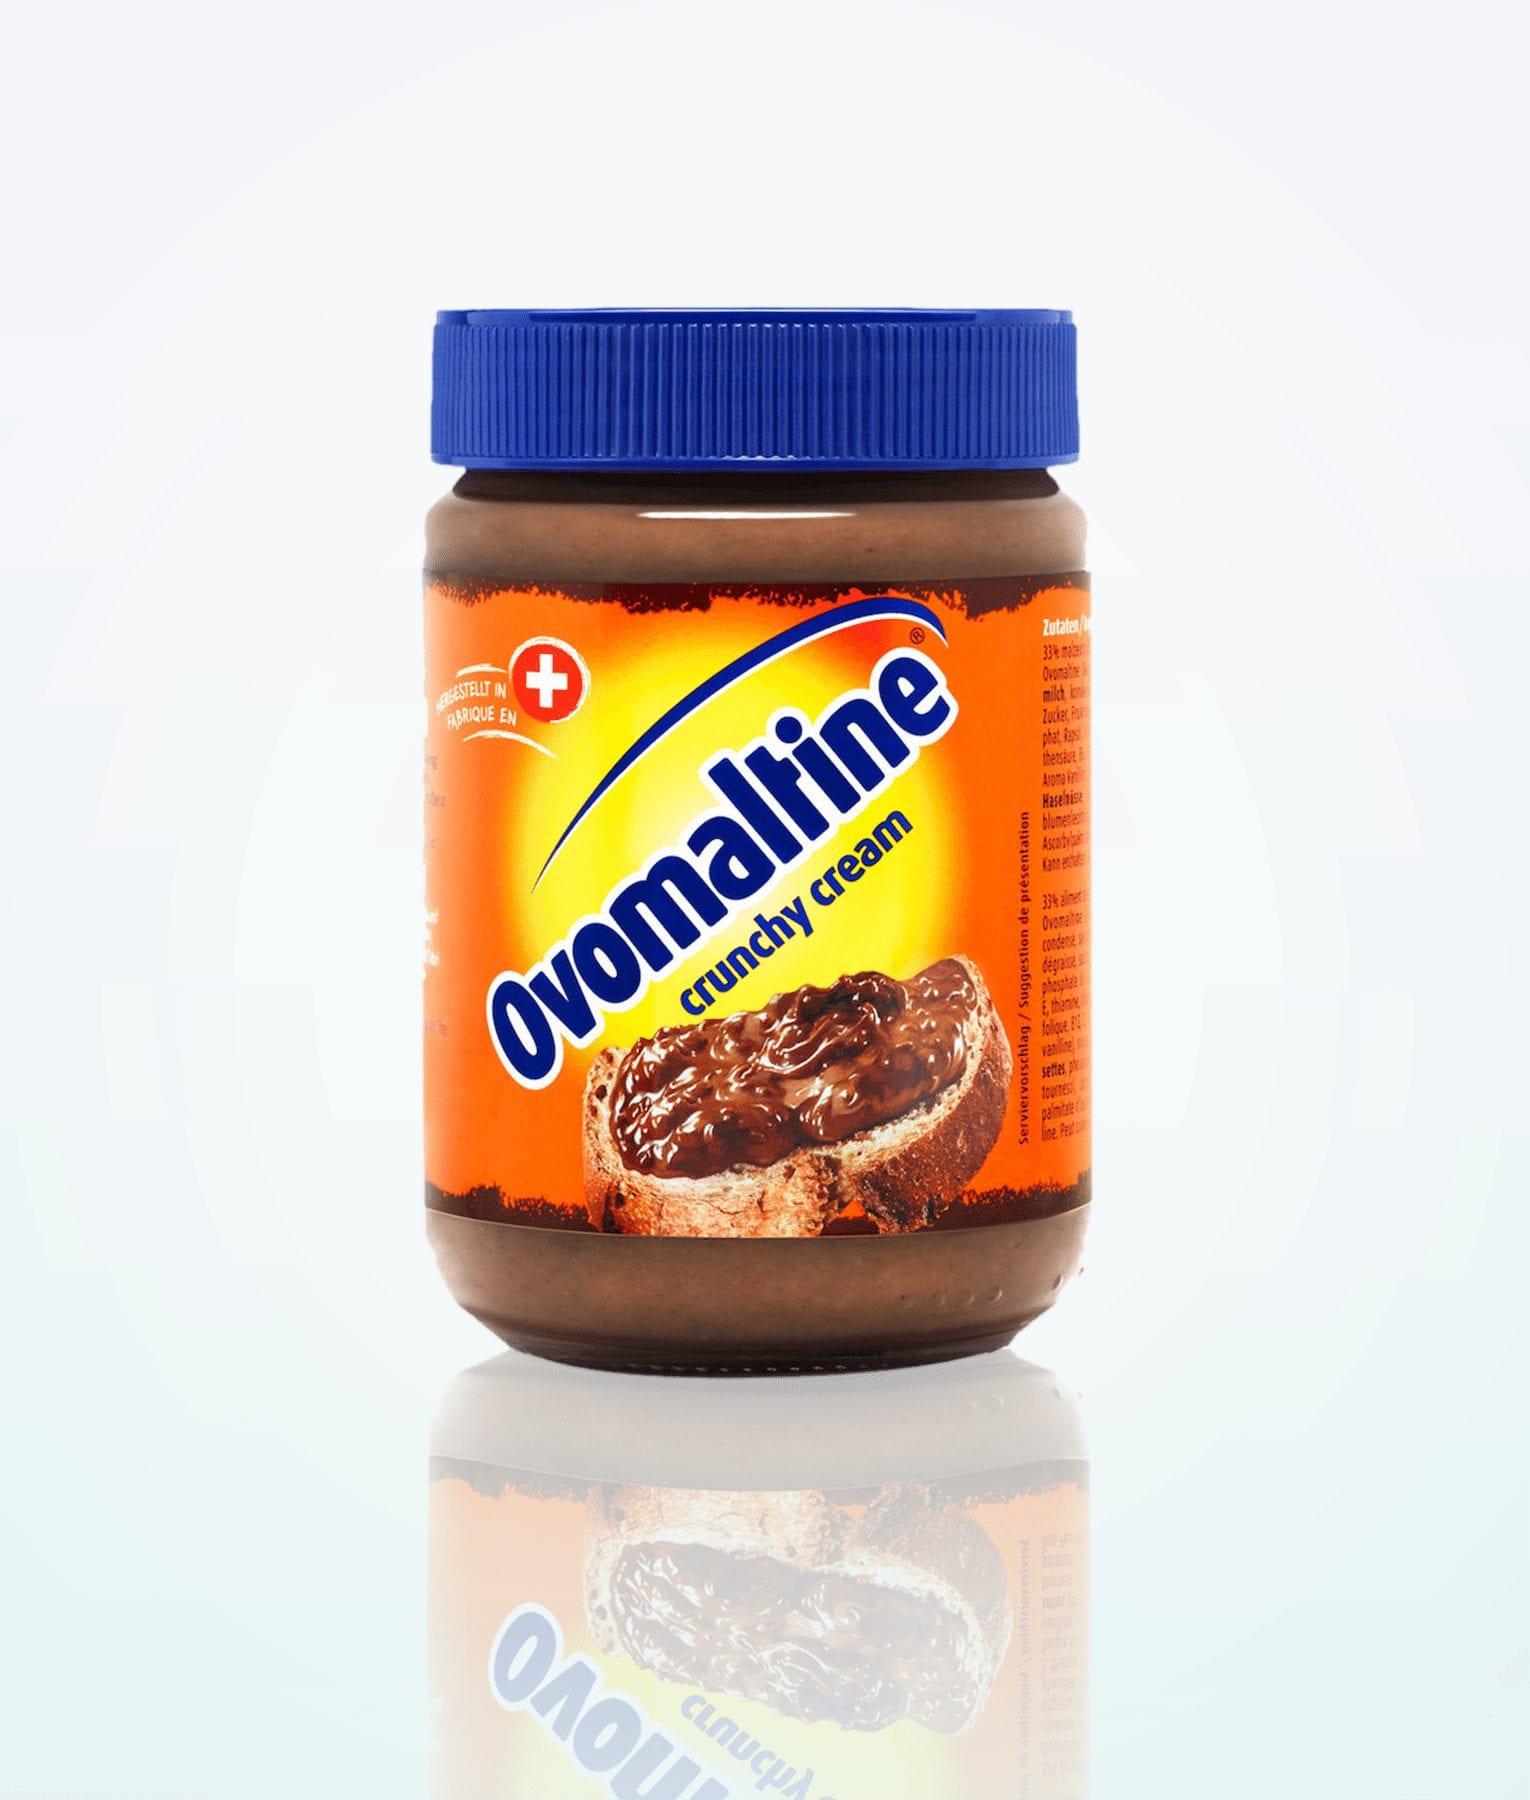 ovomaltine-crunchy-cream-400g